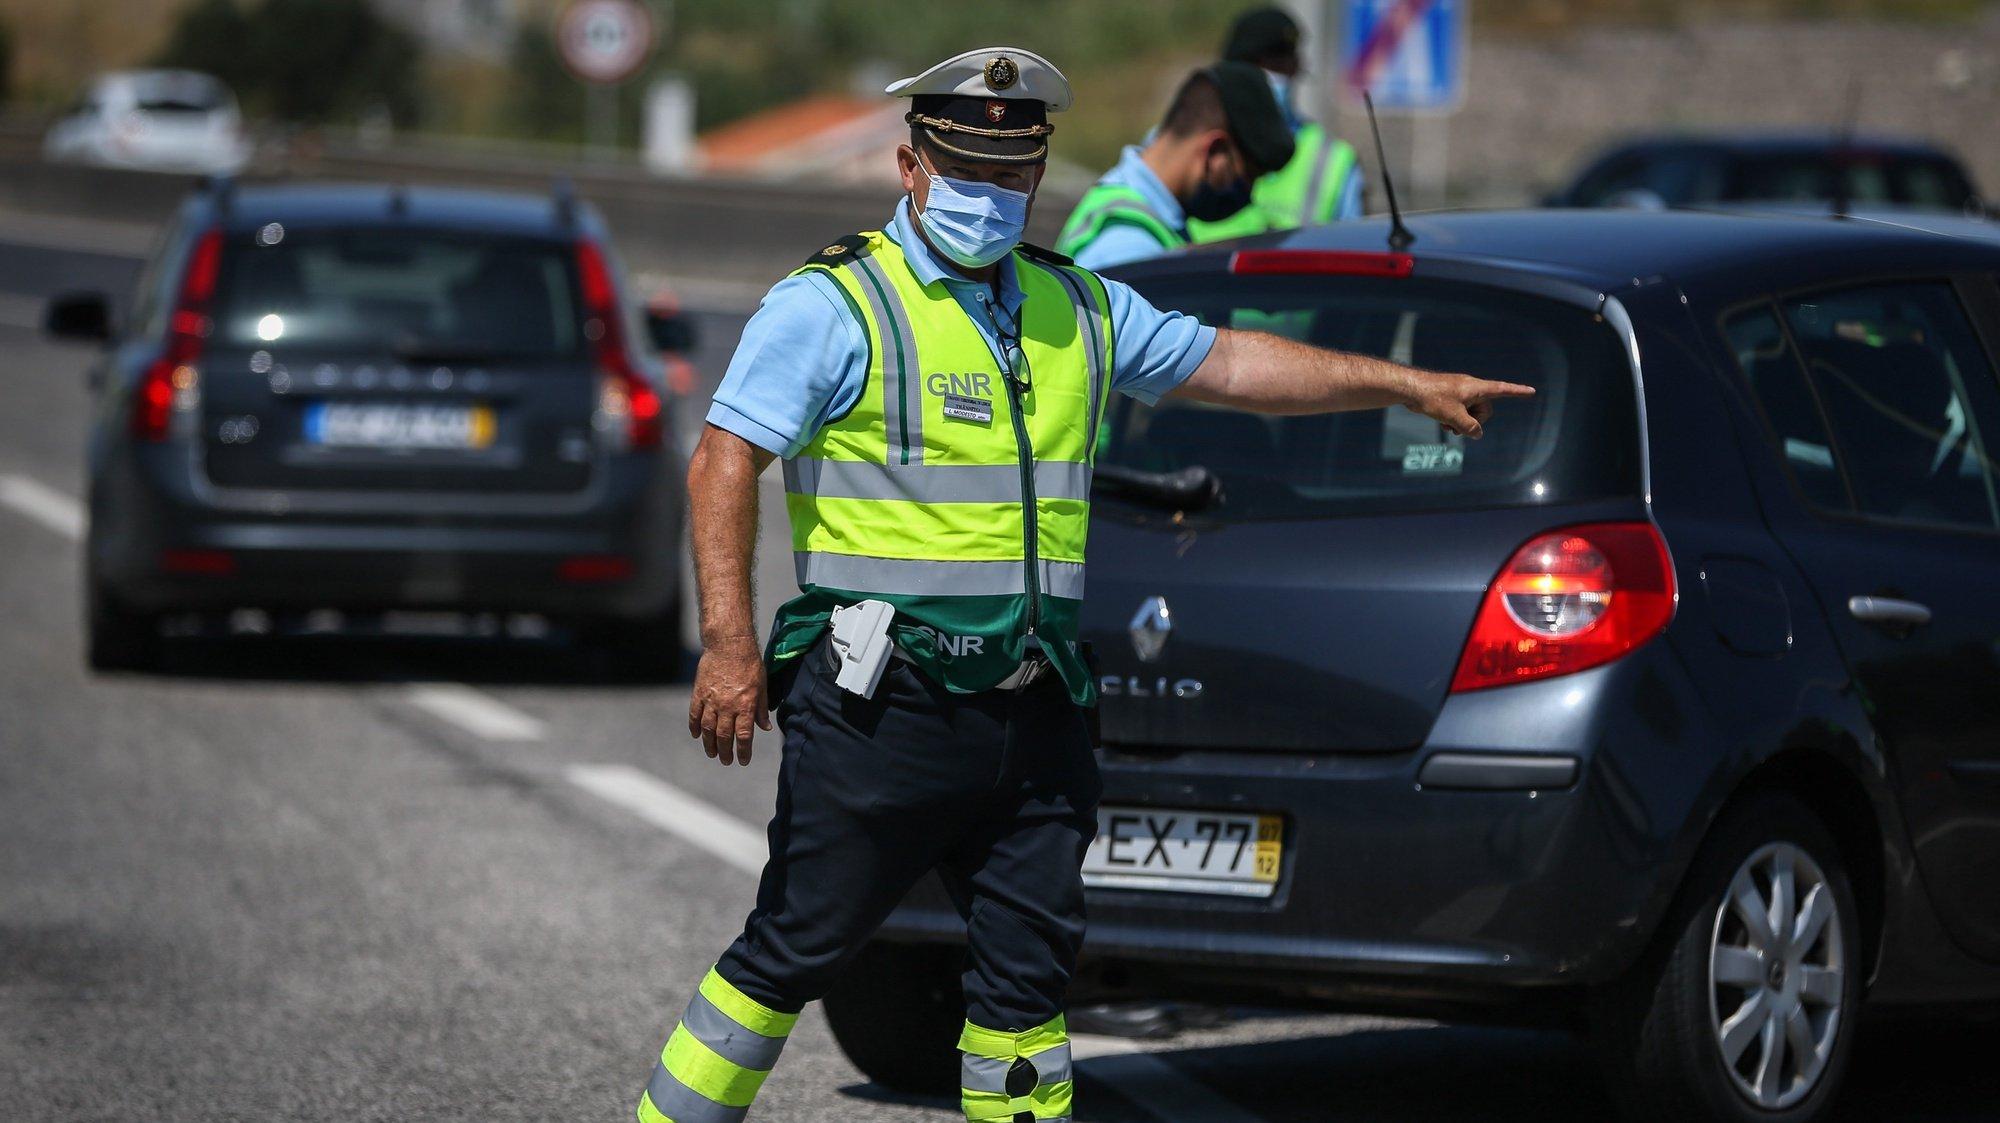 Um elemento da Guarda Nacional Republicana (GNR), durante a operação de fiscalização no âmbito das novas medidas covid-19 para a Área Metropolitana de Lisboa (AML), nas portagens de Alverca, em Alverca, 25 de junho de 2021. RODRIGO ANTUNES/LUSA